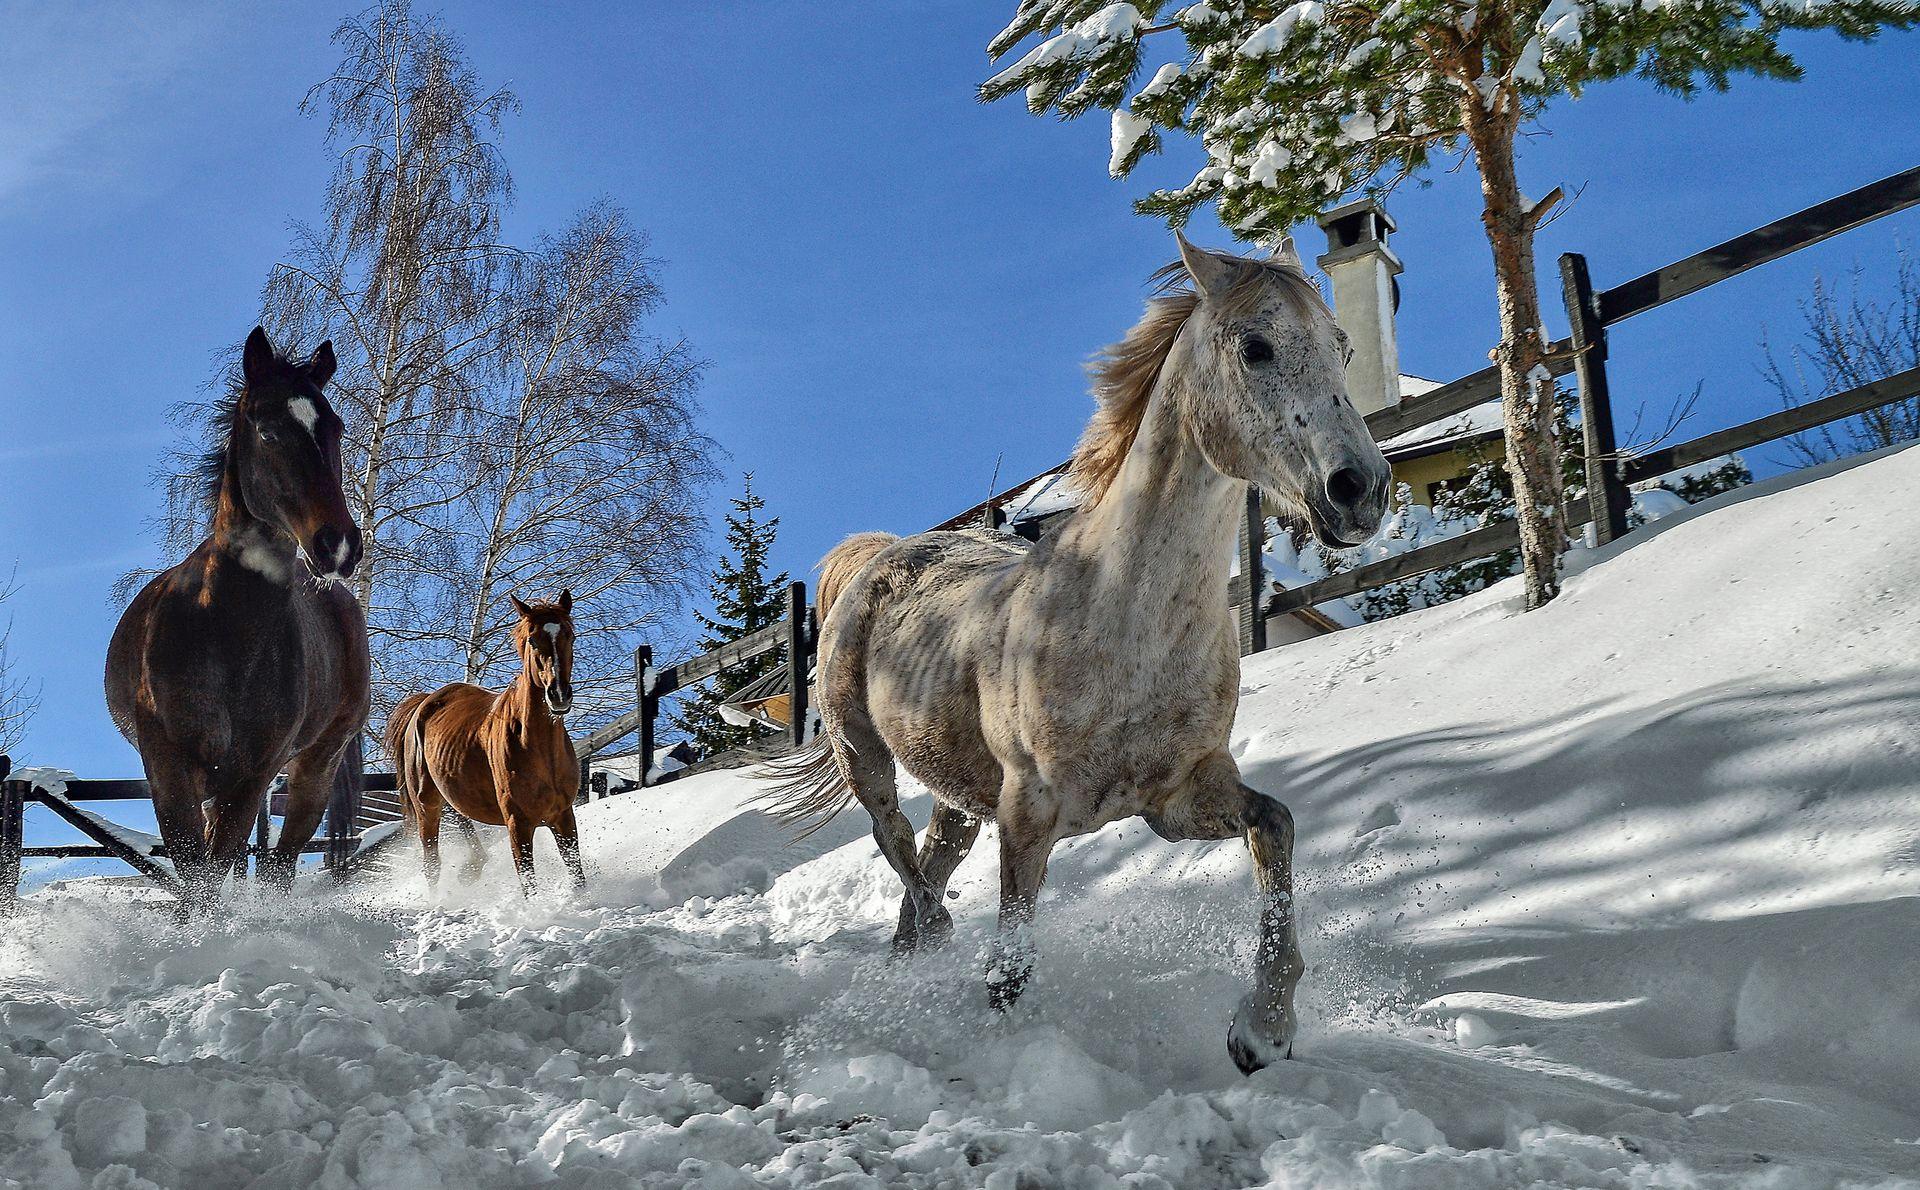 Razigrani konji (Playful horses), Miloš Karaklić